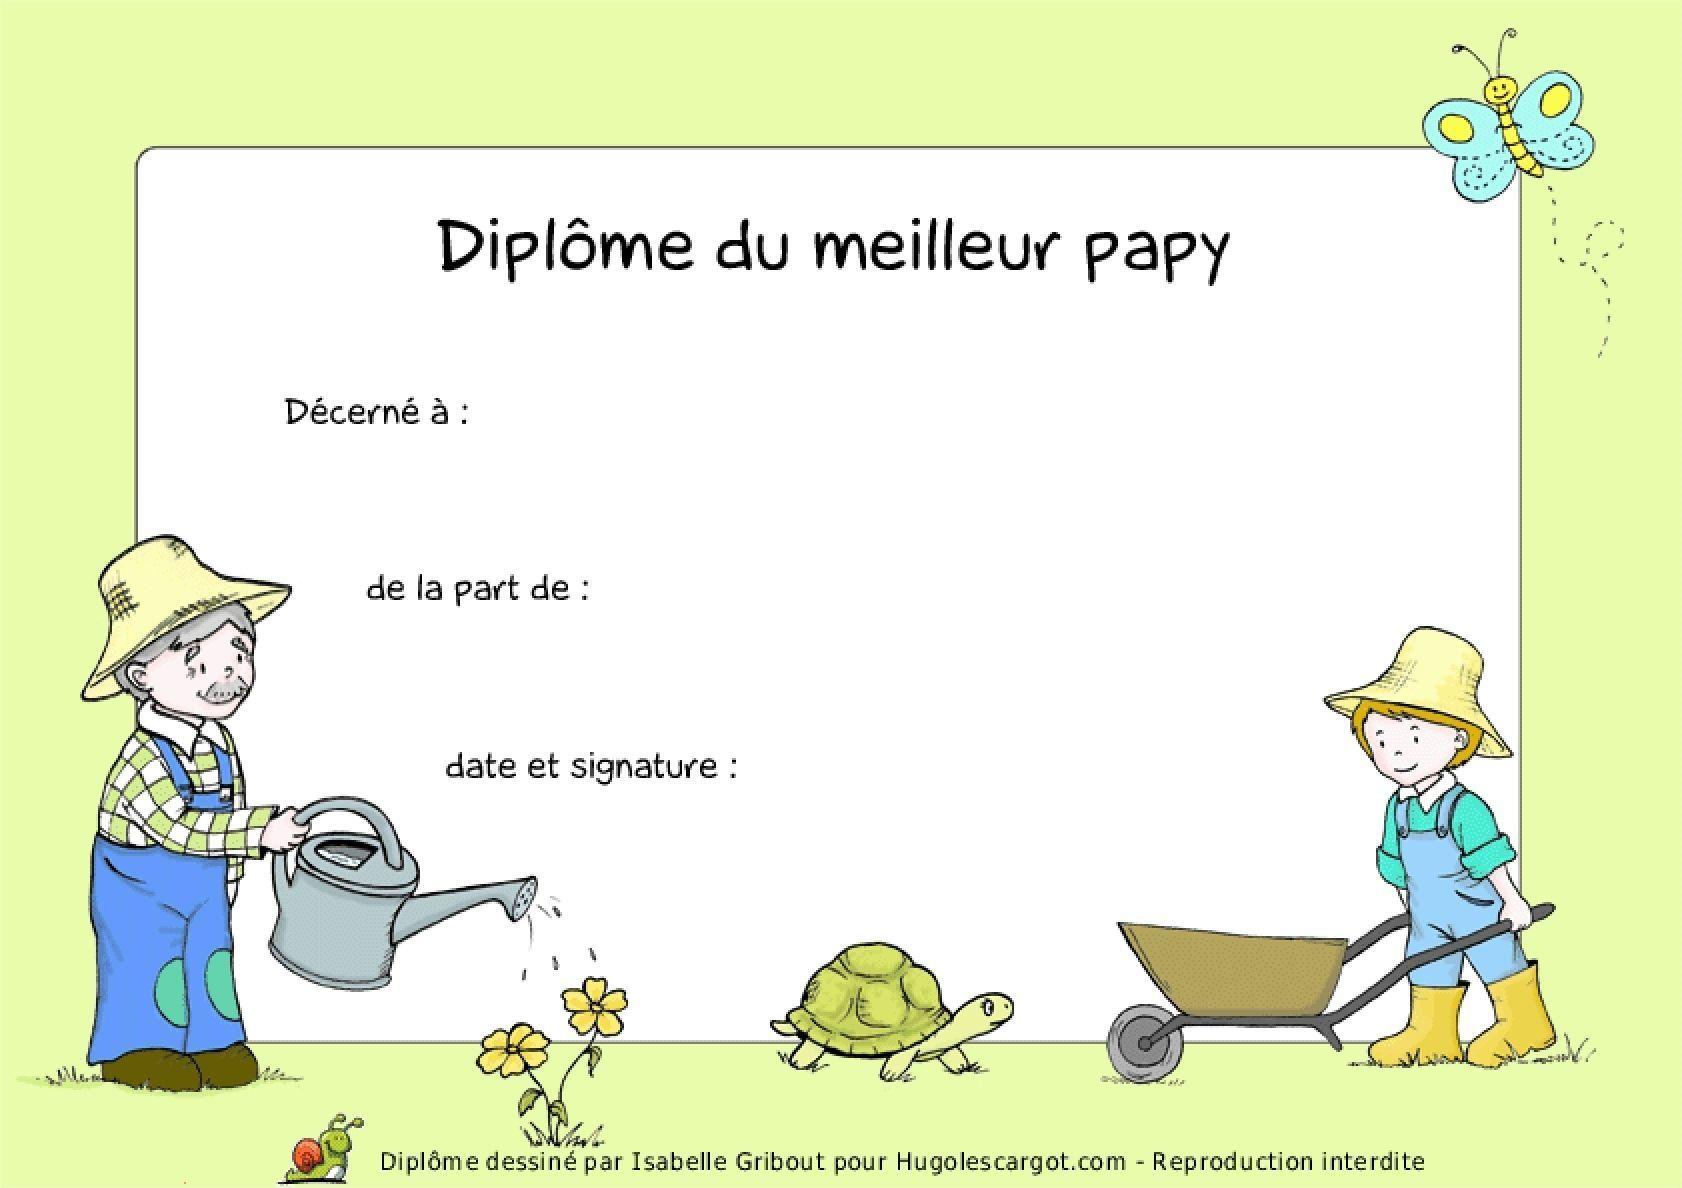 Diplome papy - Diplome du super papa a imprimer gratuit ...